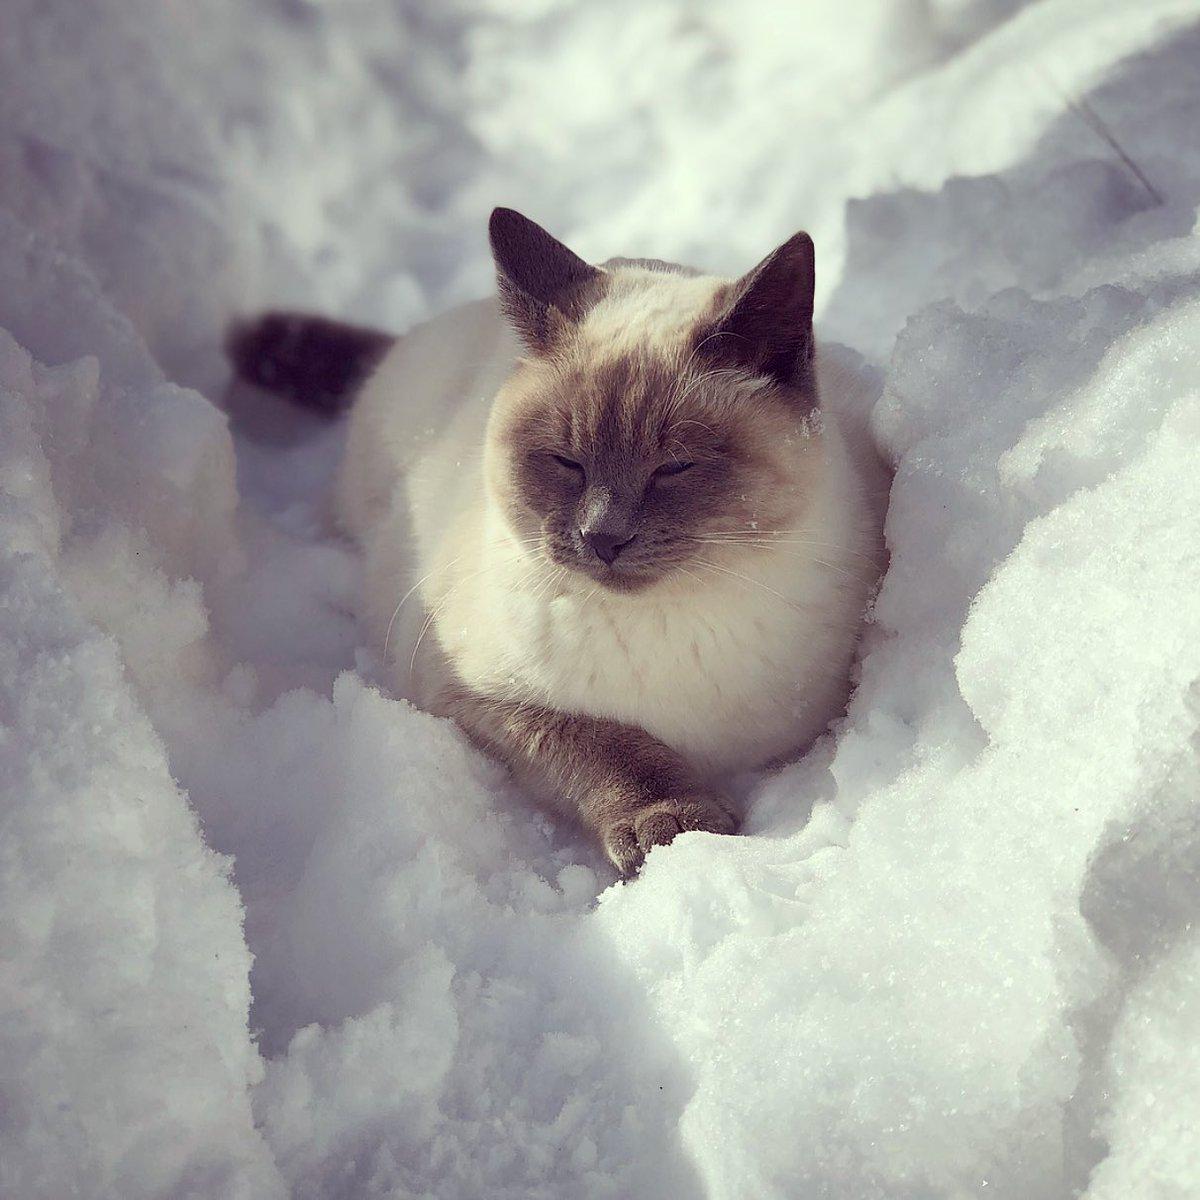 お庭と家の中を行ったり来たり…雪を存分に楽しむ猫たち。 (゚ー゚*)。oO(つよ...